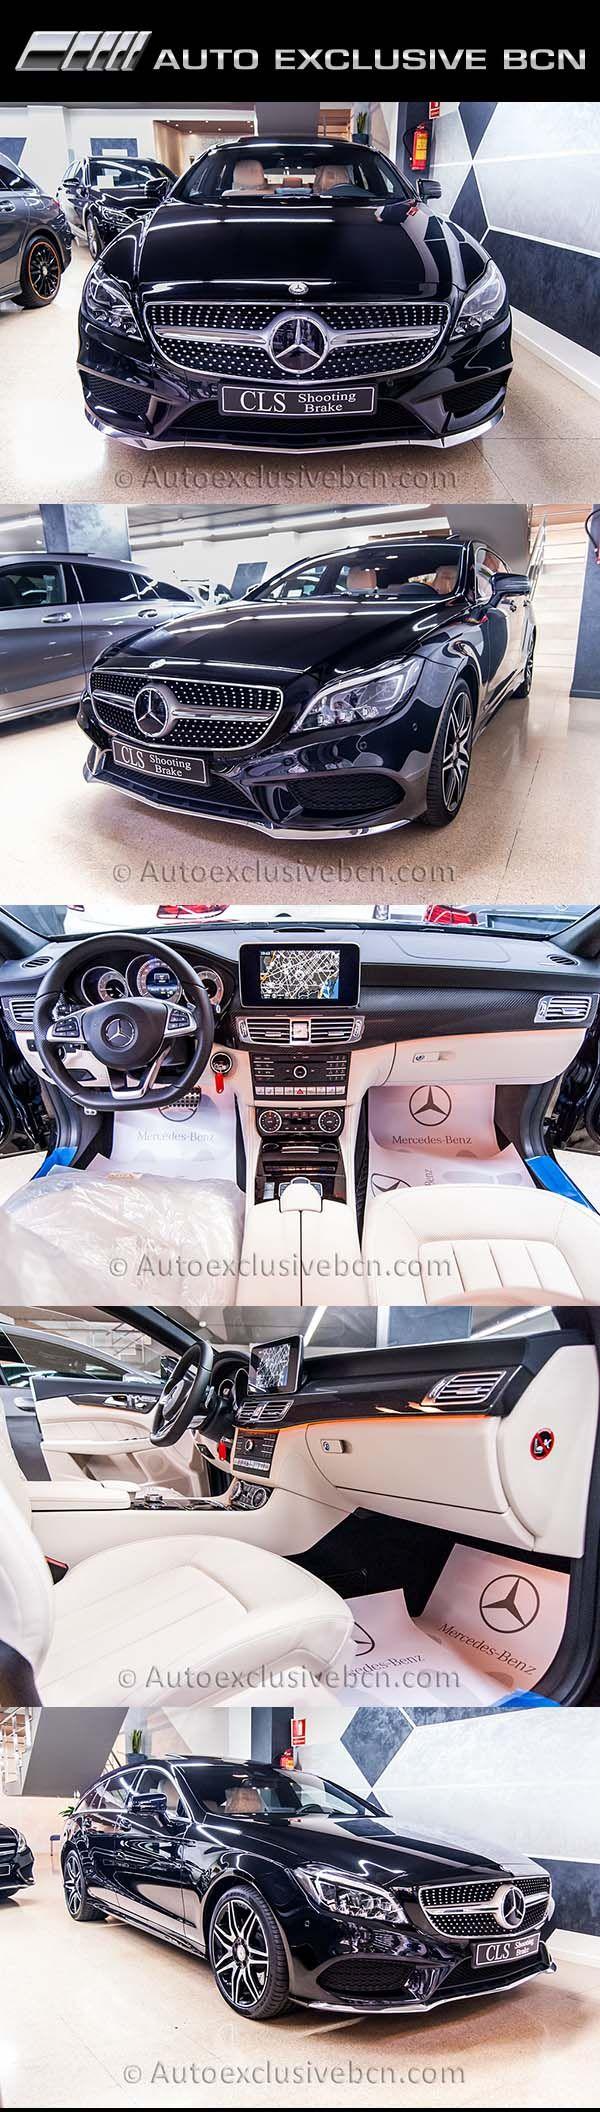 Mercedes CLS 350d | Shooting Brake | AMG PLUS | Auto Exclusive BCN | http://autoexclusivebcn.com